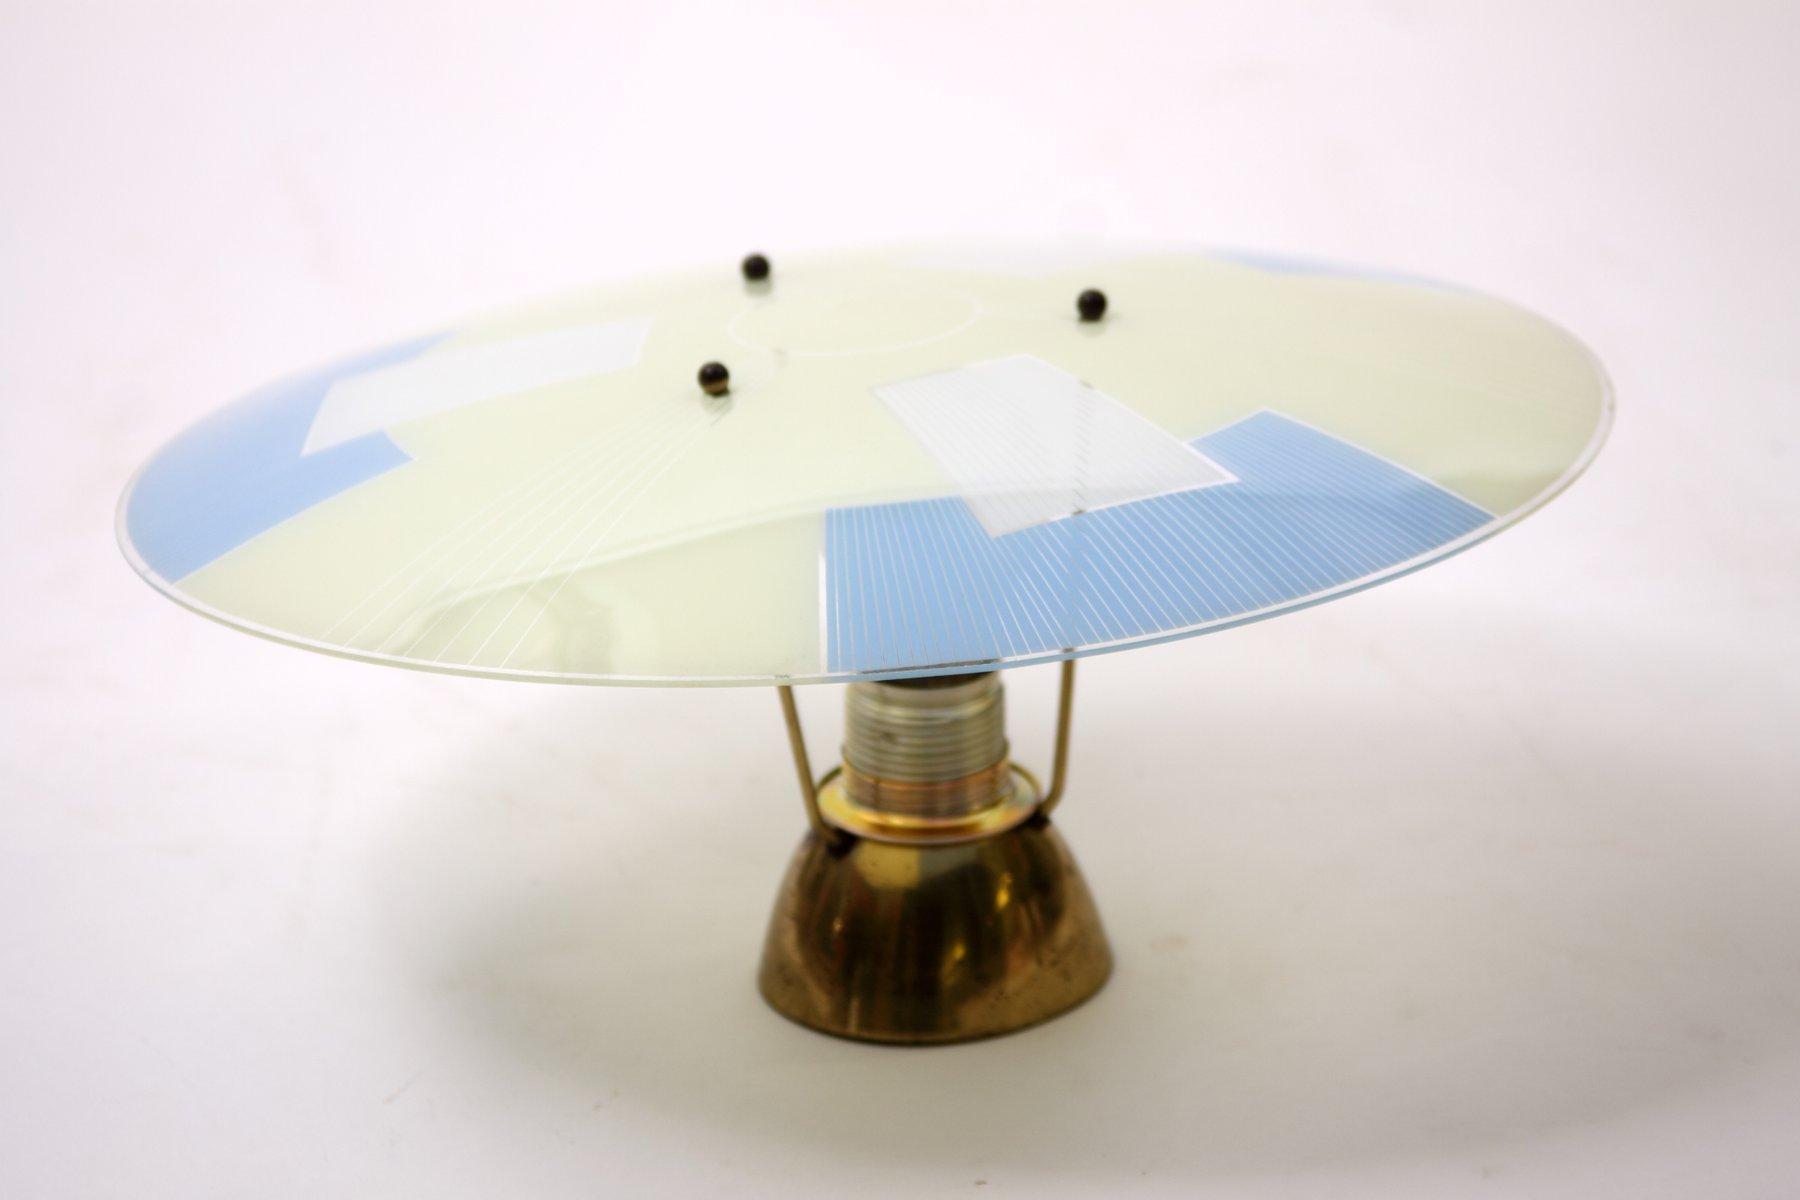 Vintage Deckenlampe mit TV Testbild Motiv, 1960er